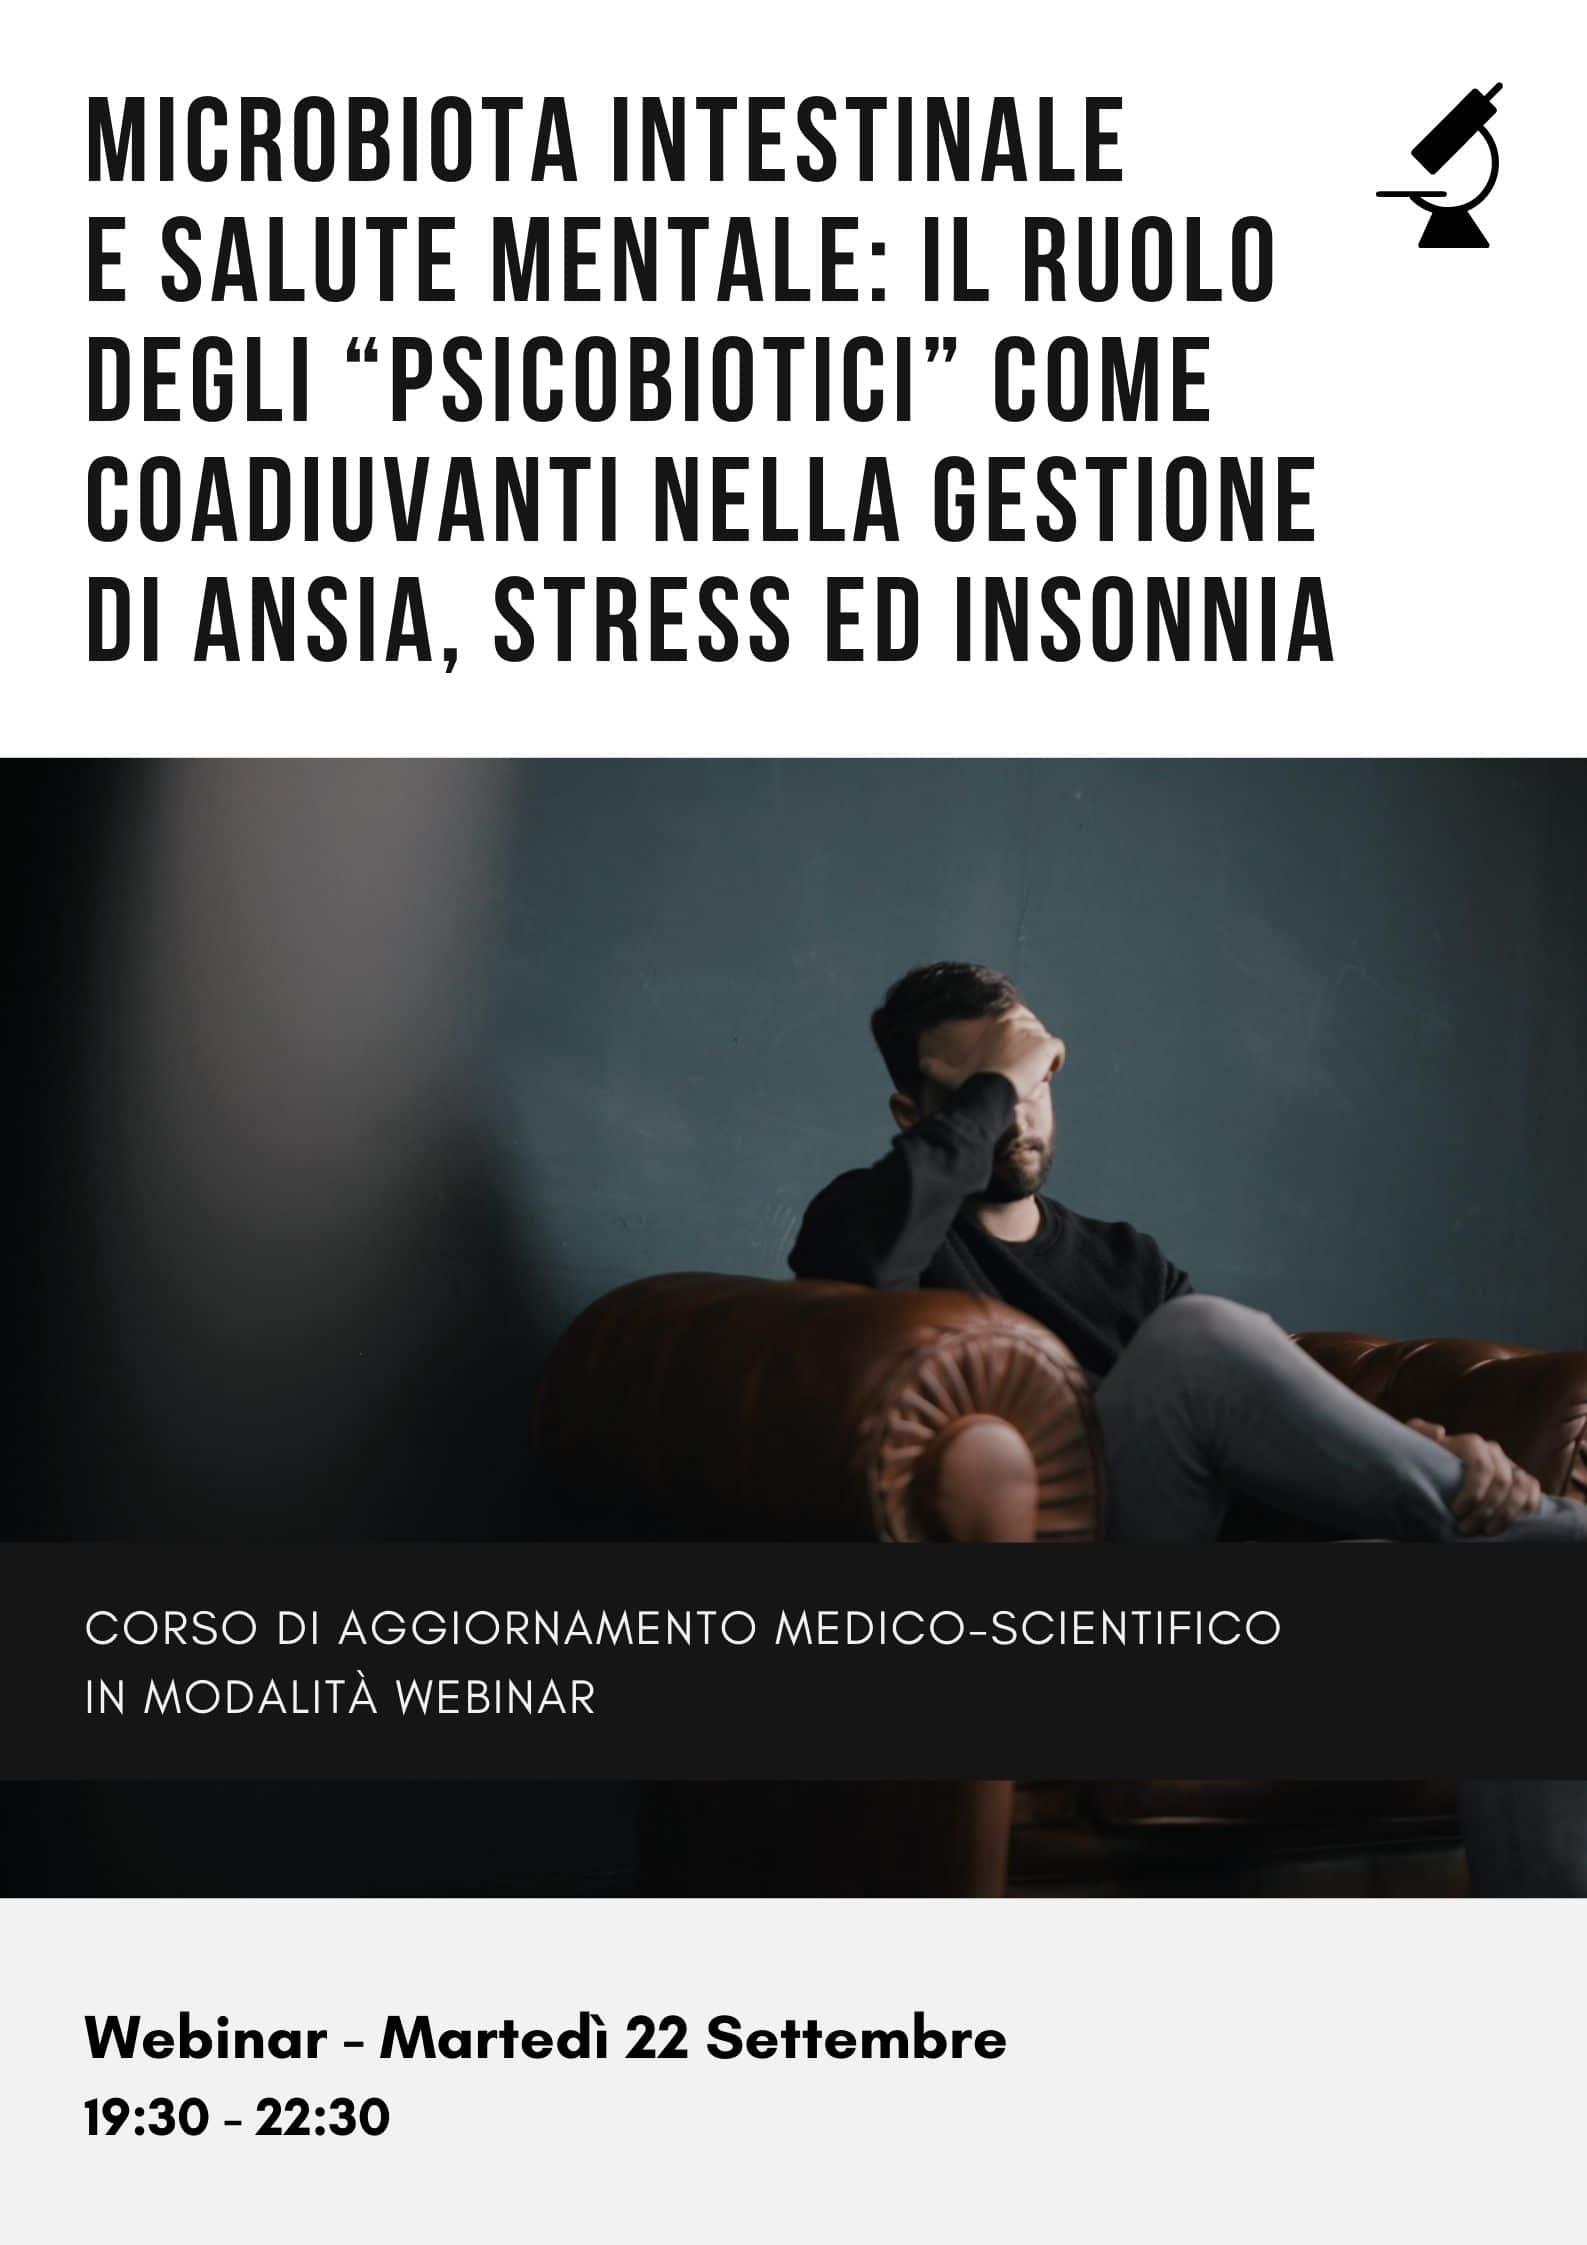 """Microbiota intestinale e salute mentale: il ruolo degli """"psicobiotici"""" come coadiuvanti nella gestione di ansia, stress ed insonnia"""